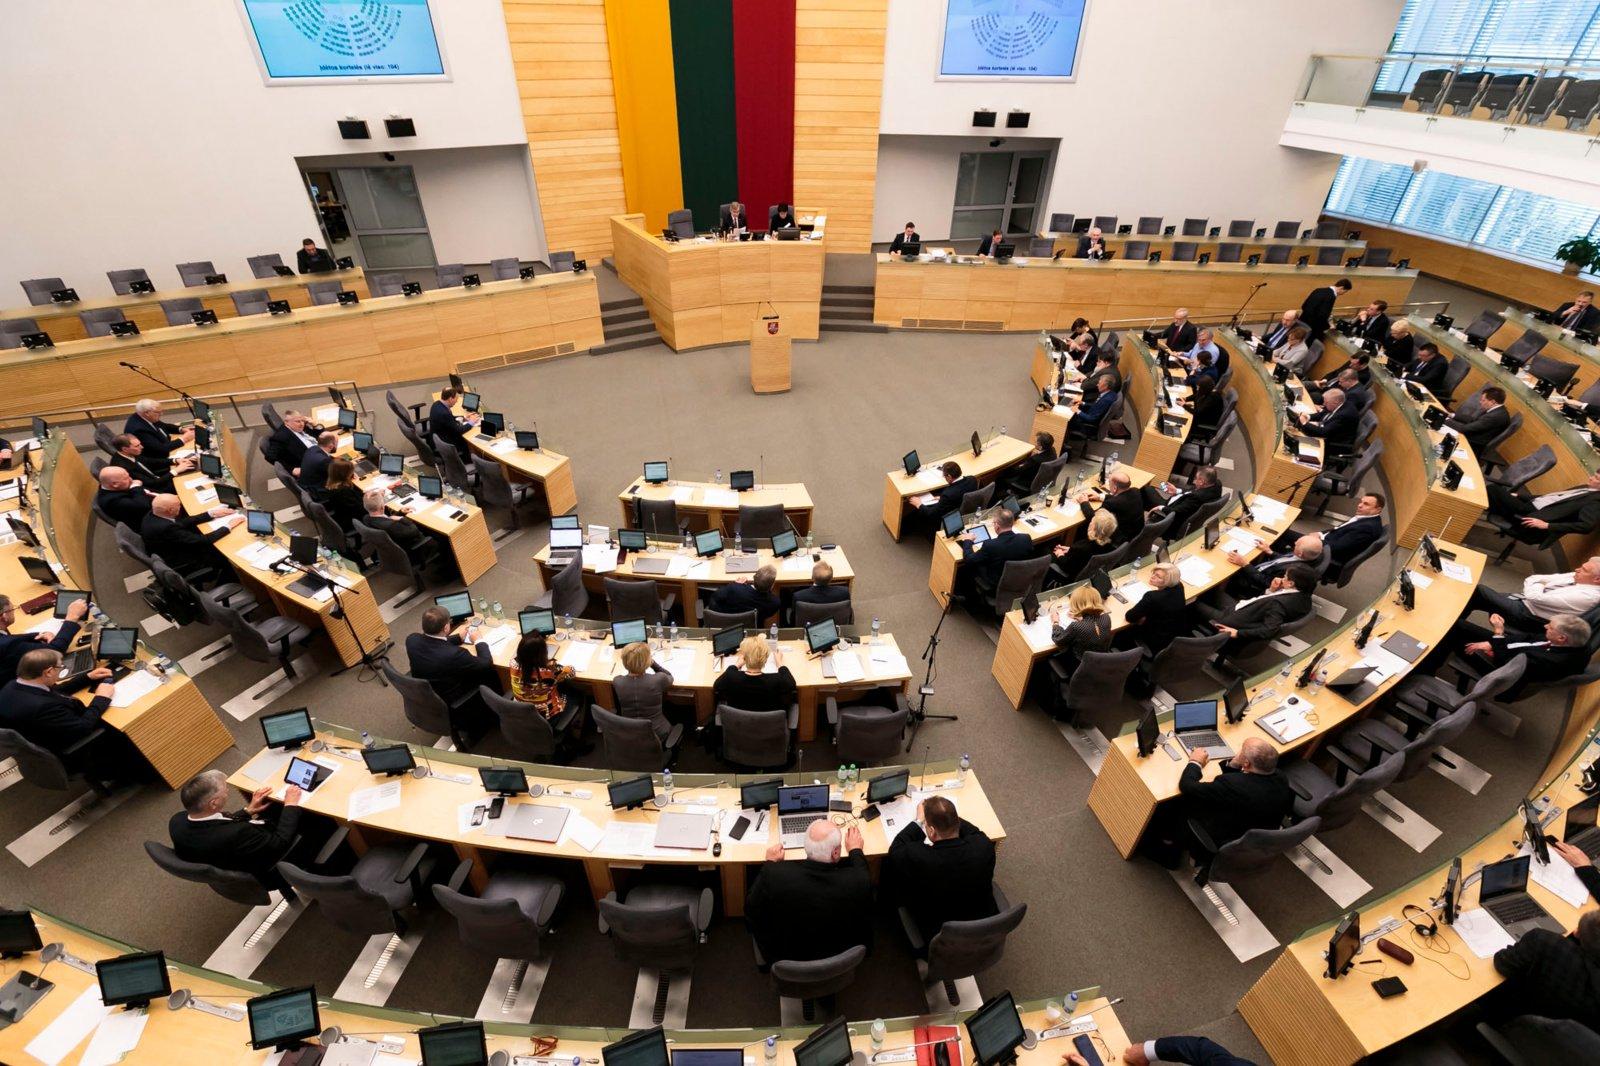 Opozicijos J. Narkevičiaus atsakymai neįtikino: išsiskyrė nuomonės, kaip elgtis toliau